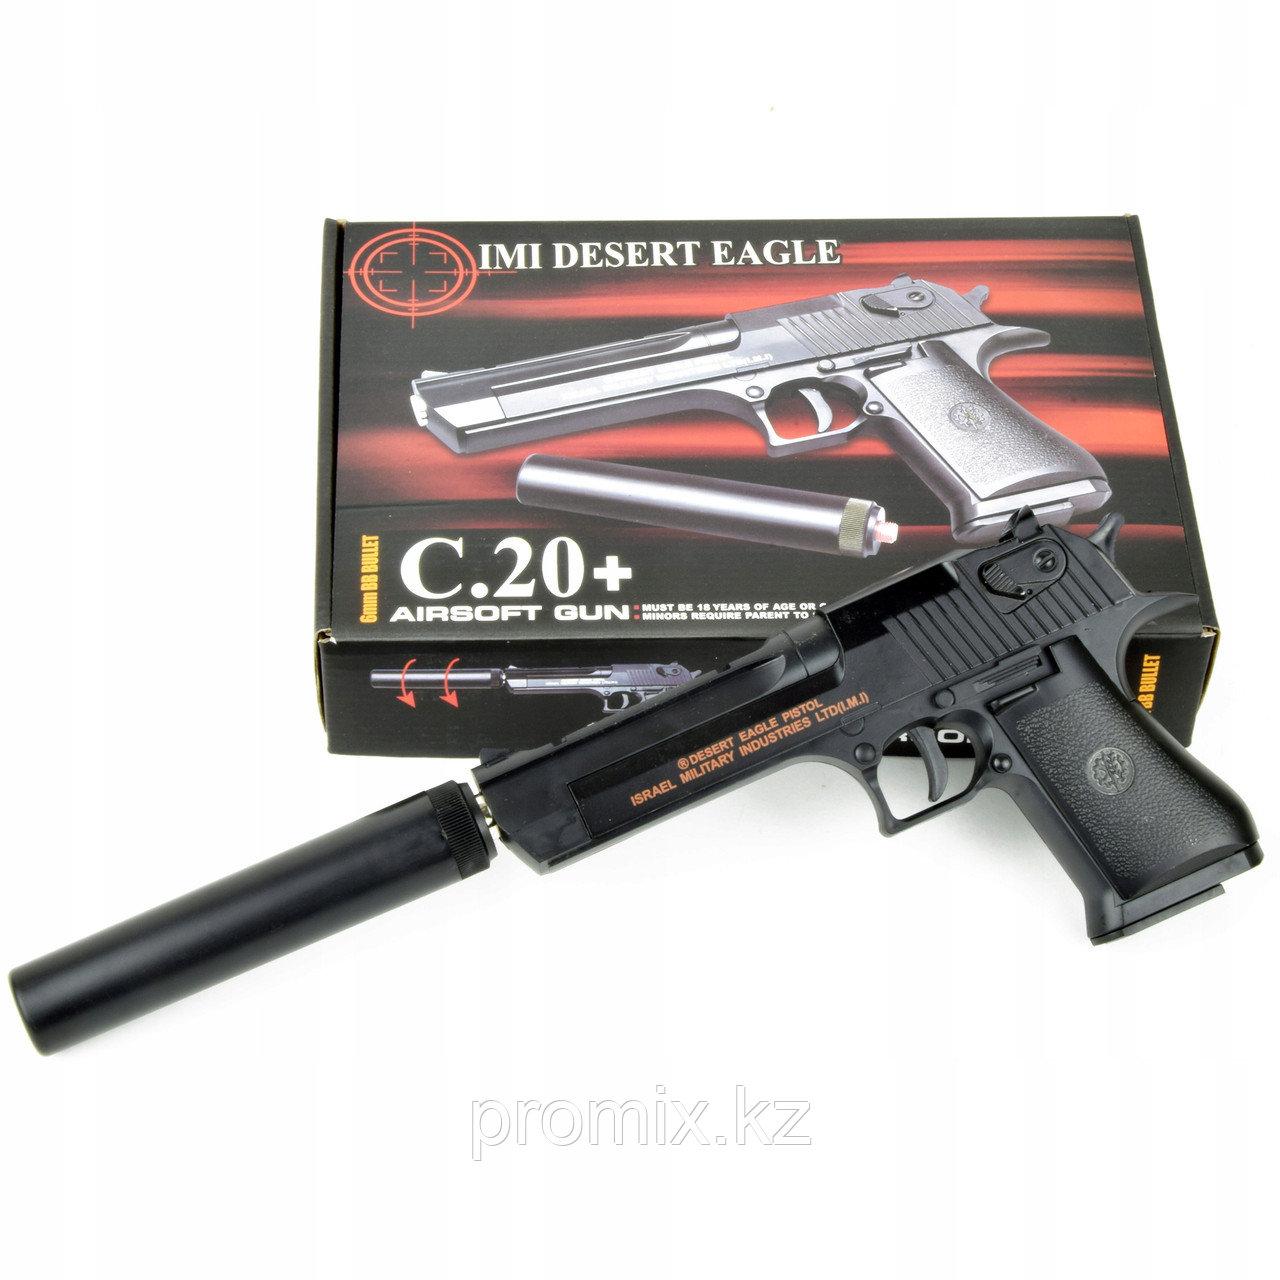 Игрушечный железный/металлический пистолет (Desert Eagle C.20+). Airsoft Gun C.20+